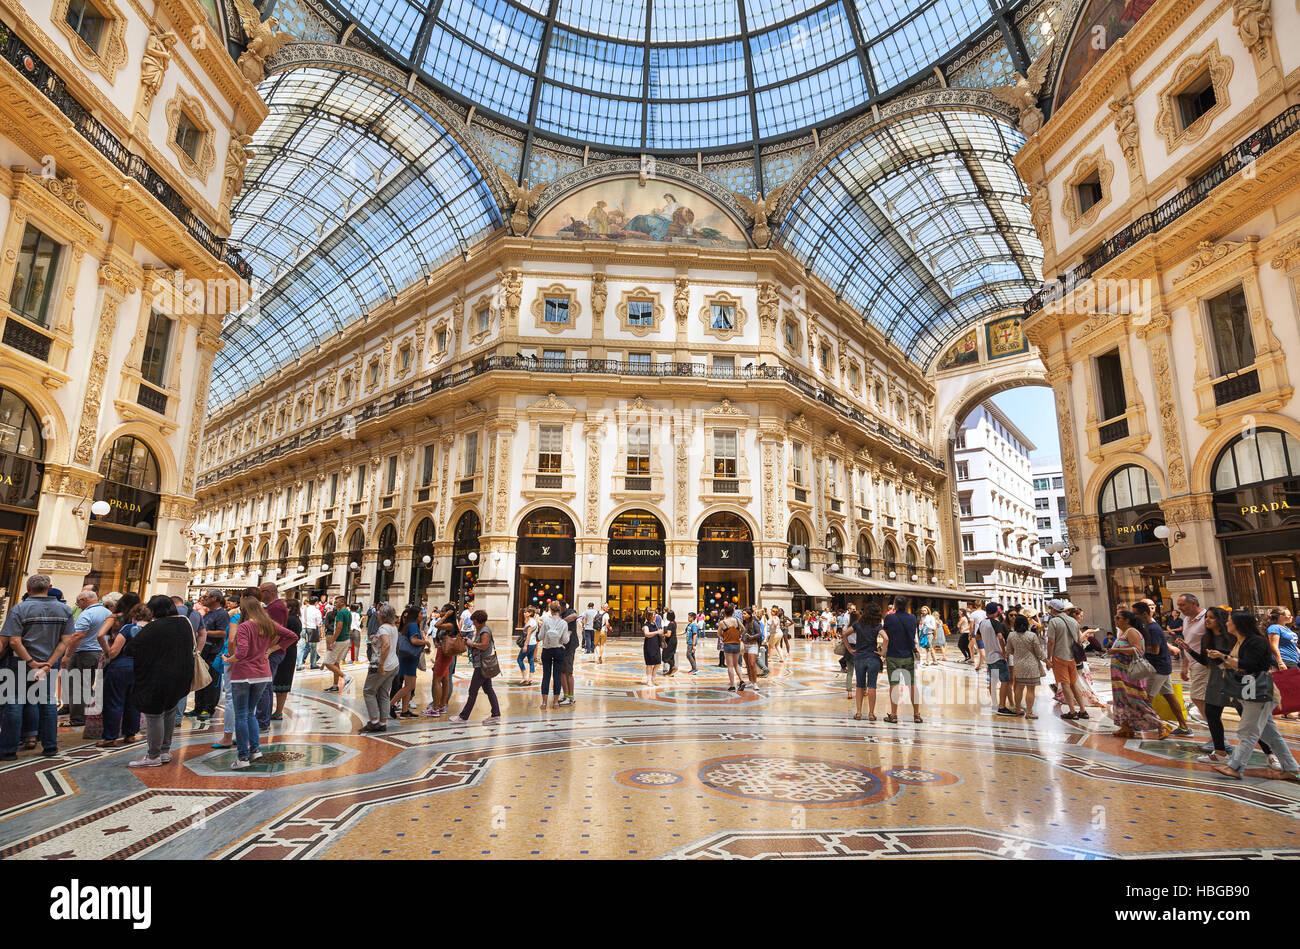 Shopping center milan stock photo 127593900 alamy for Milano shop